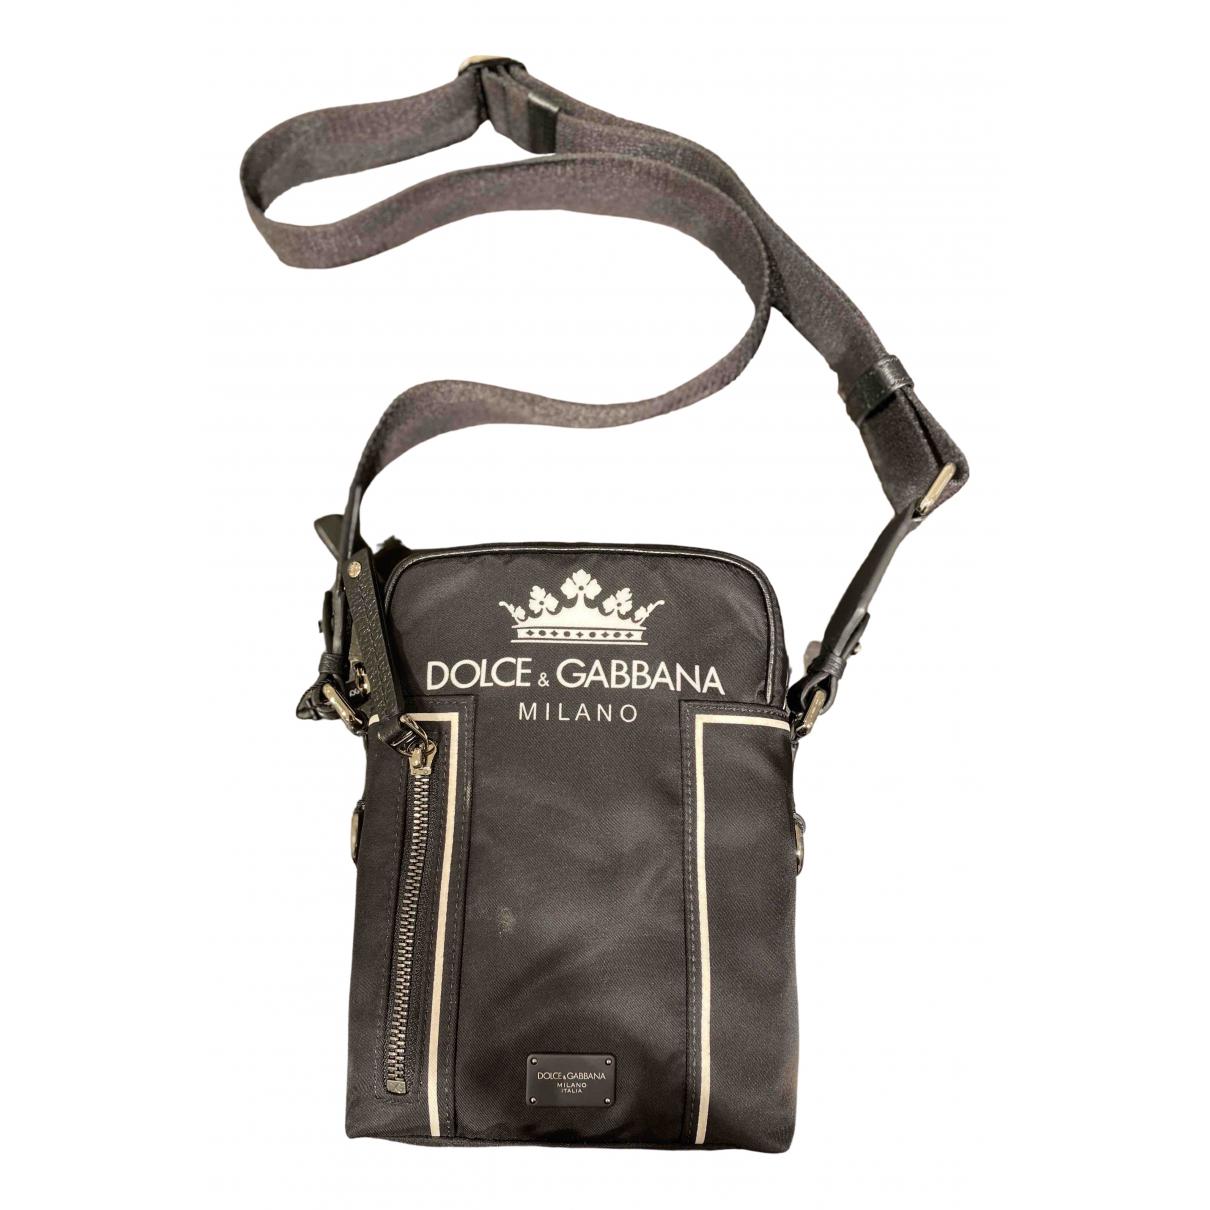 Dolce & Gabbana \N Black bag for Men \N